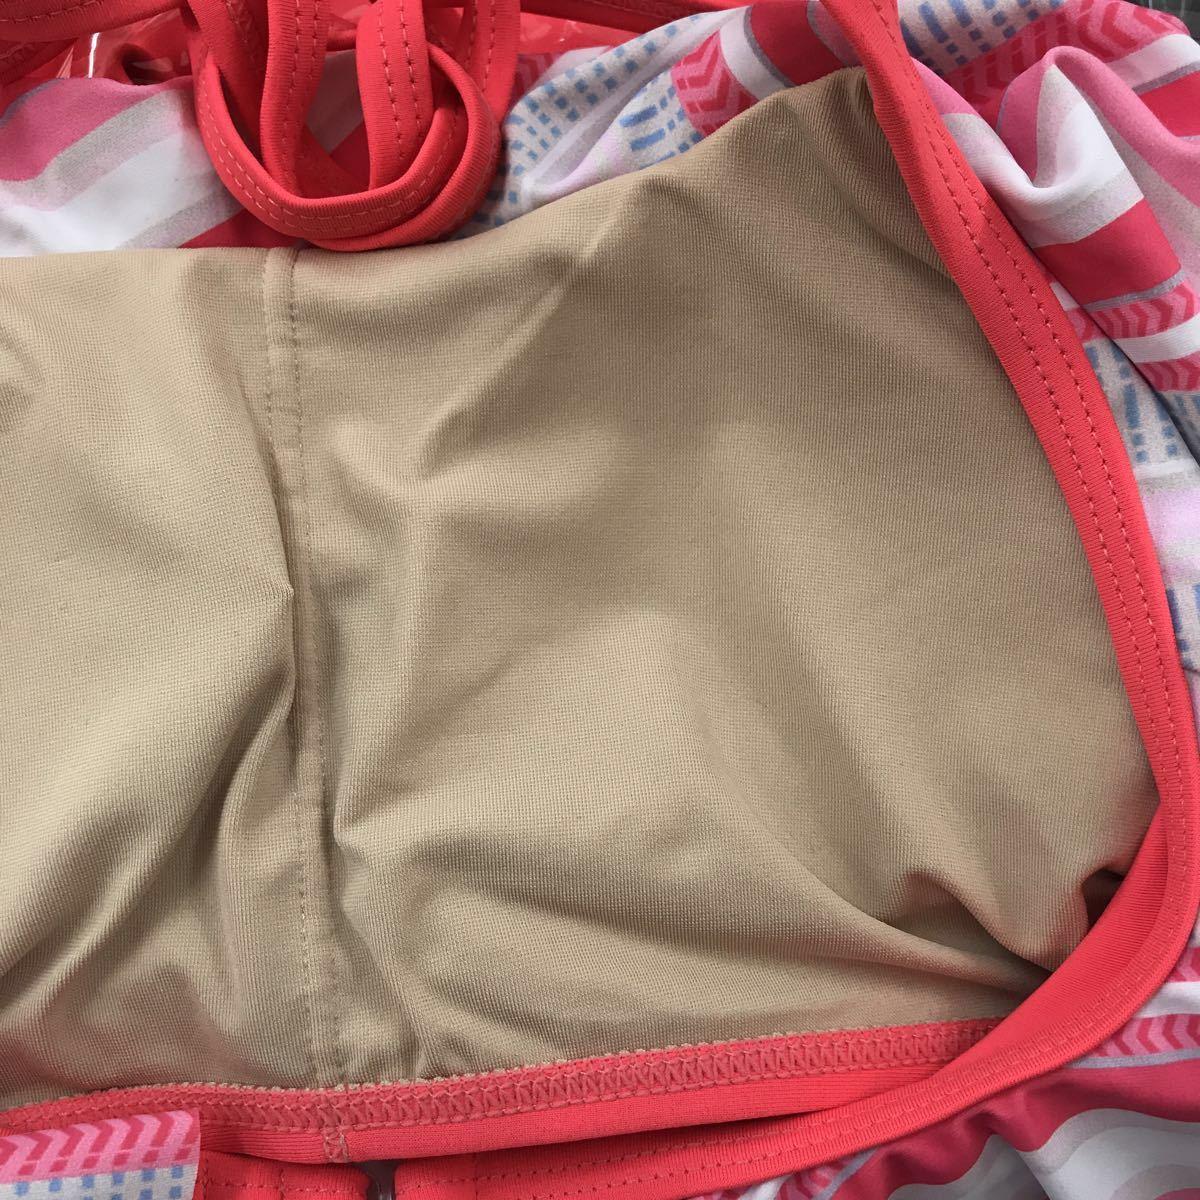 10587 新品 ベネトン BENETTON オレンジ Tシャツ付き フレアビキニフレアーショートパンツ4点セット レディース 水着 7号  体型カバー_画像9